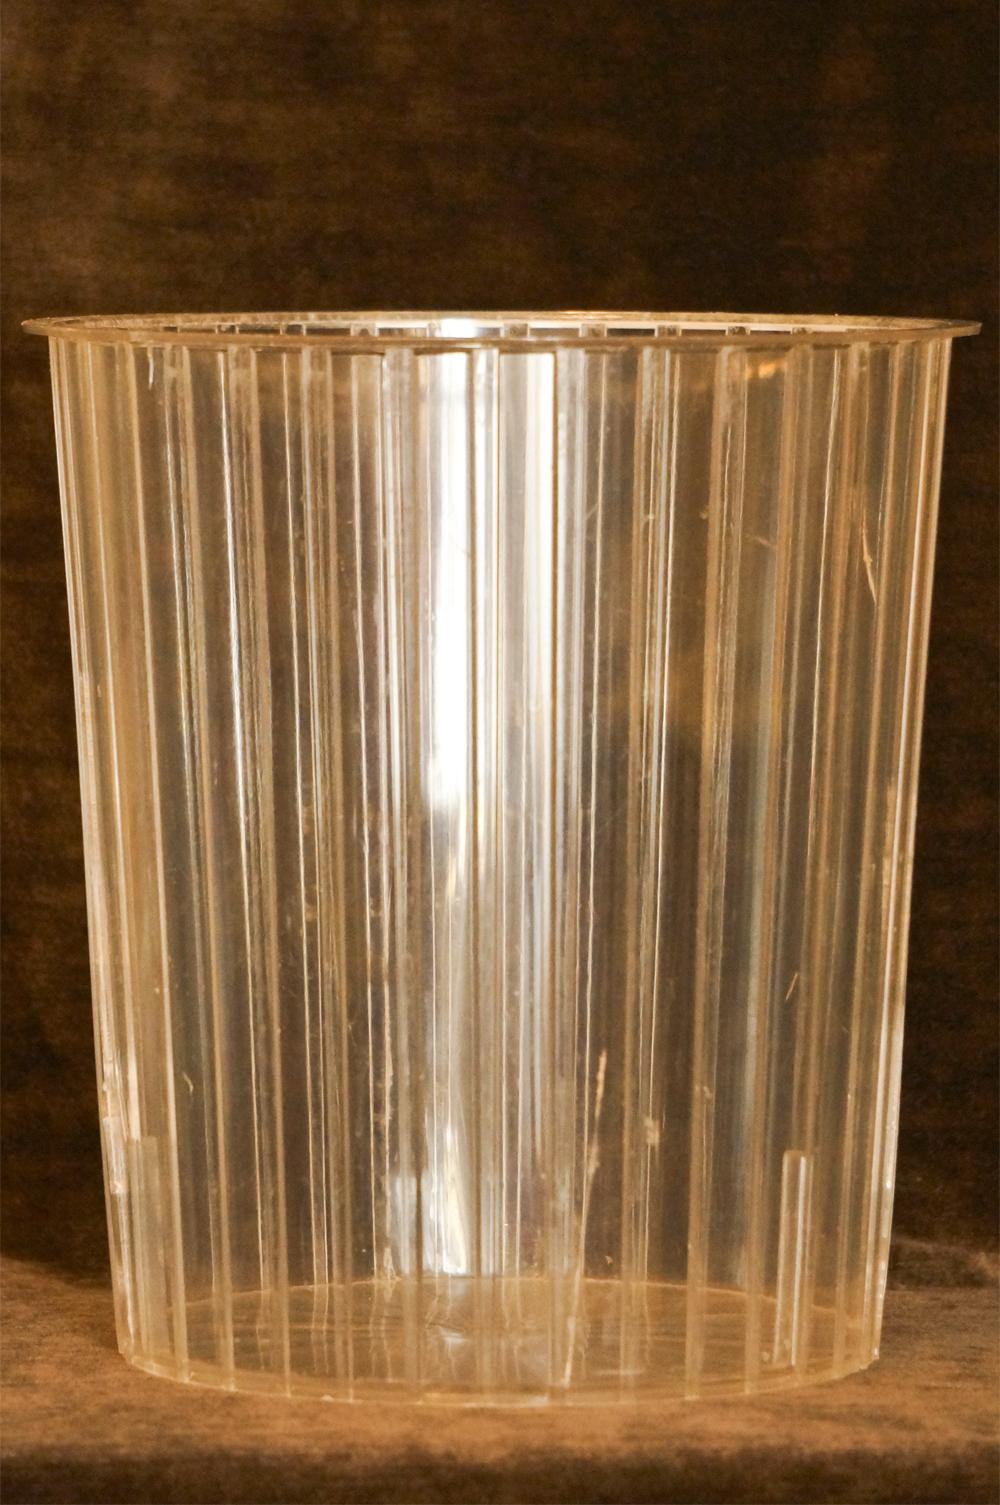 スタイルビルト製 ゴールド ロープ ゴミ箱 中のプラスチック